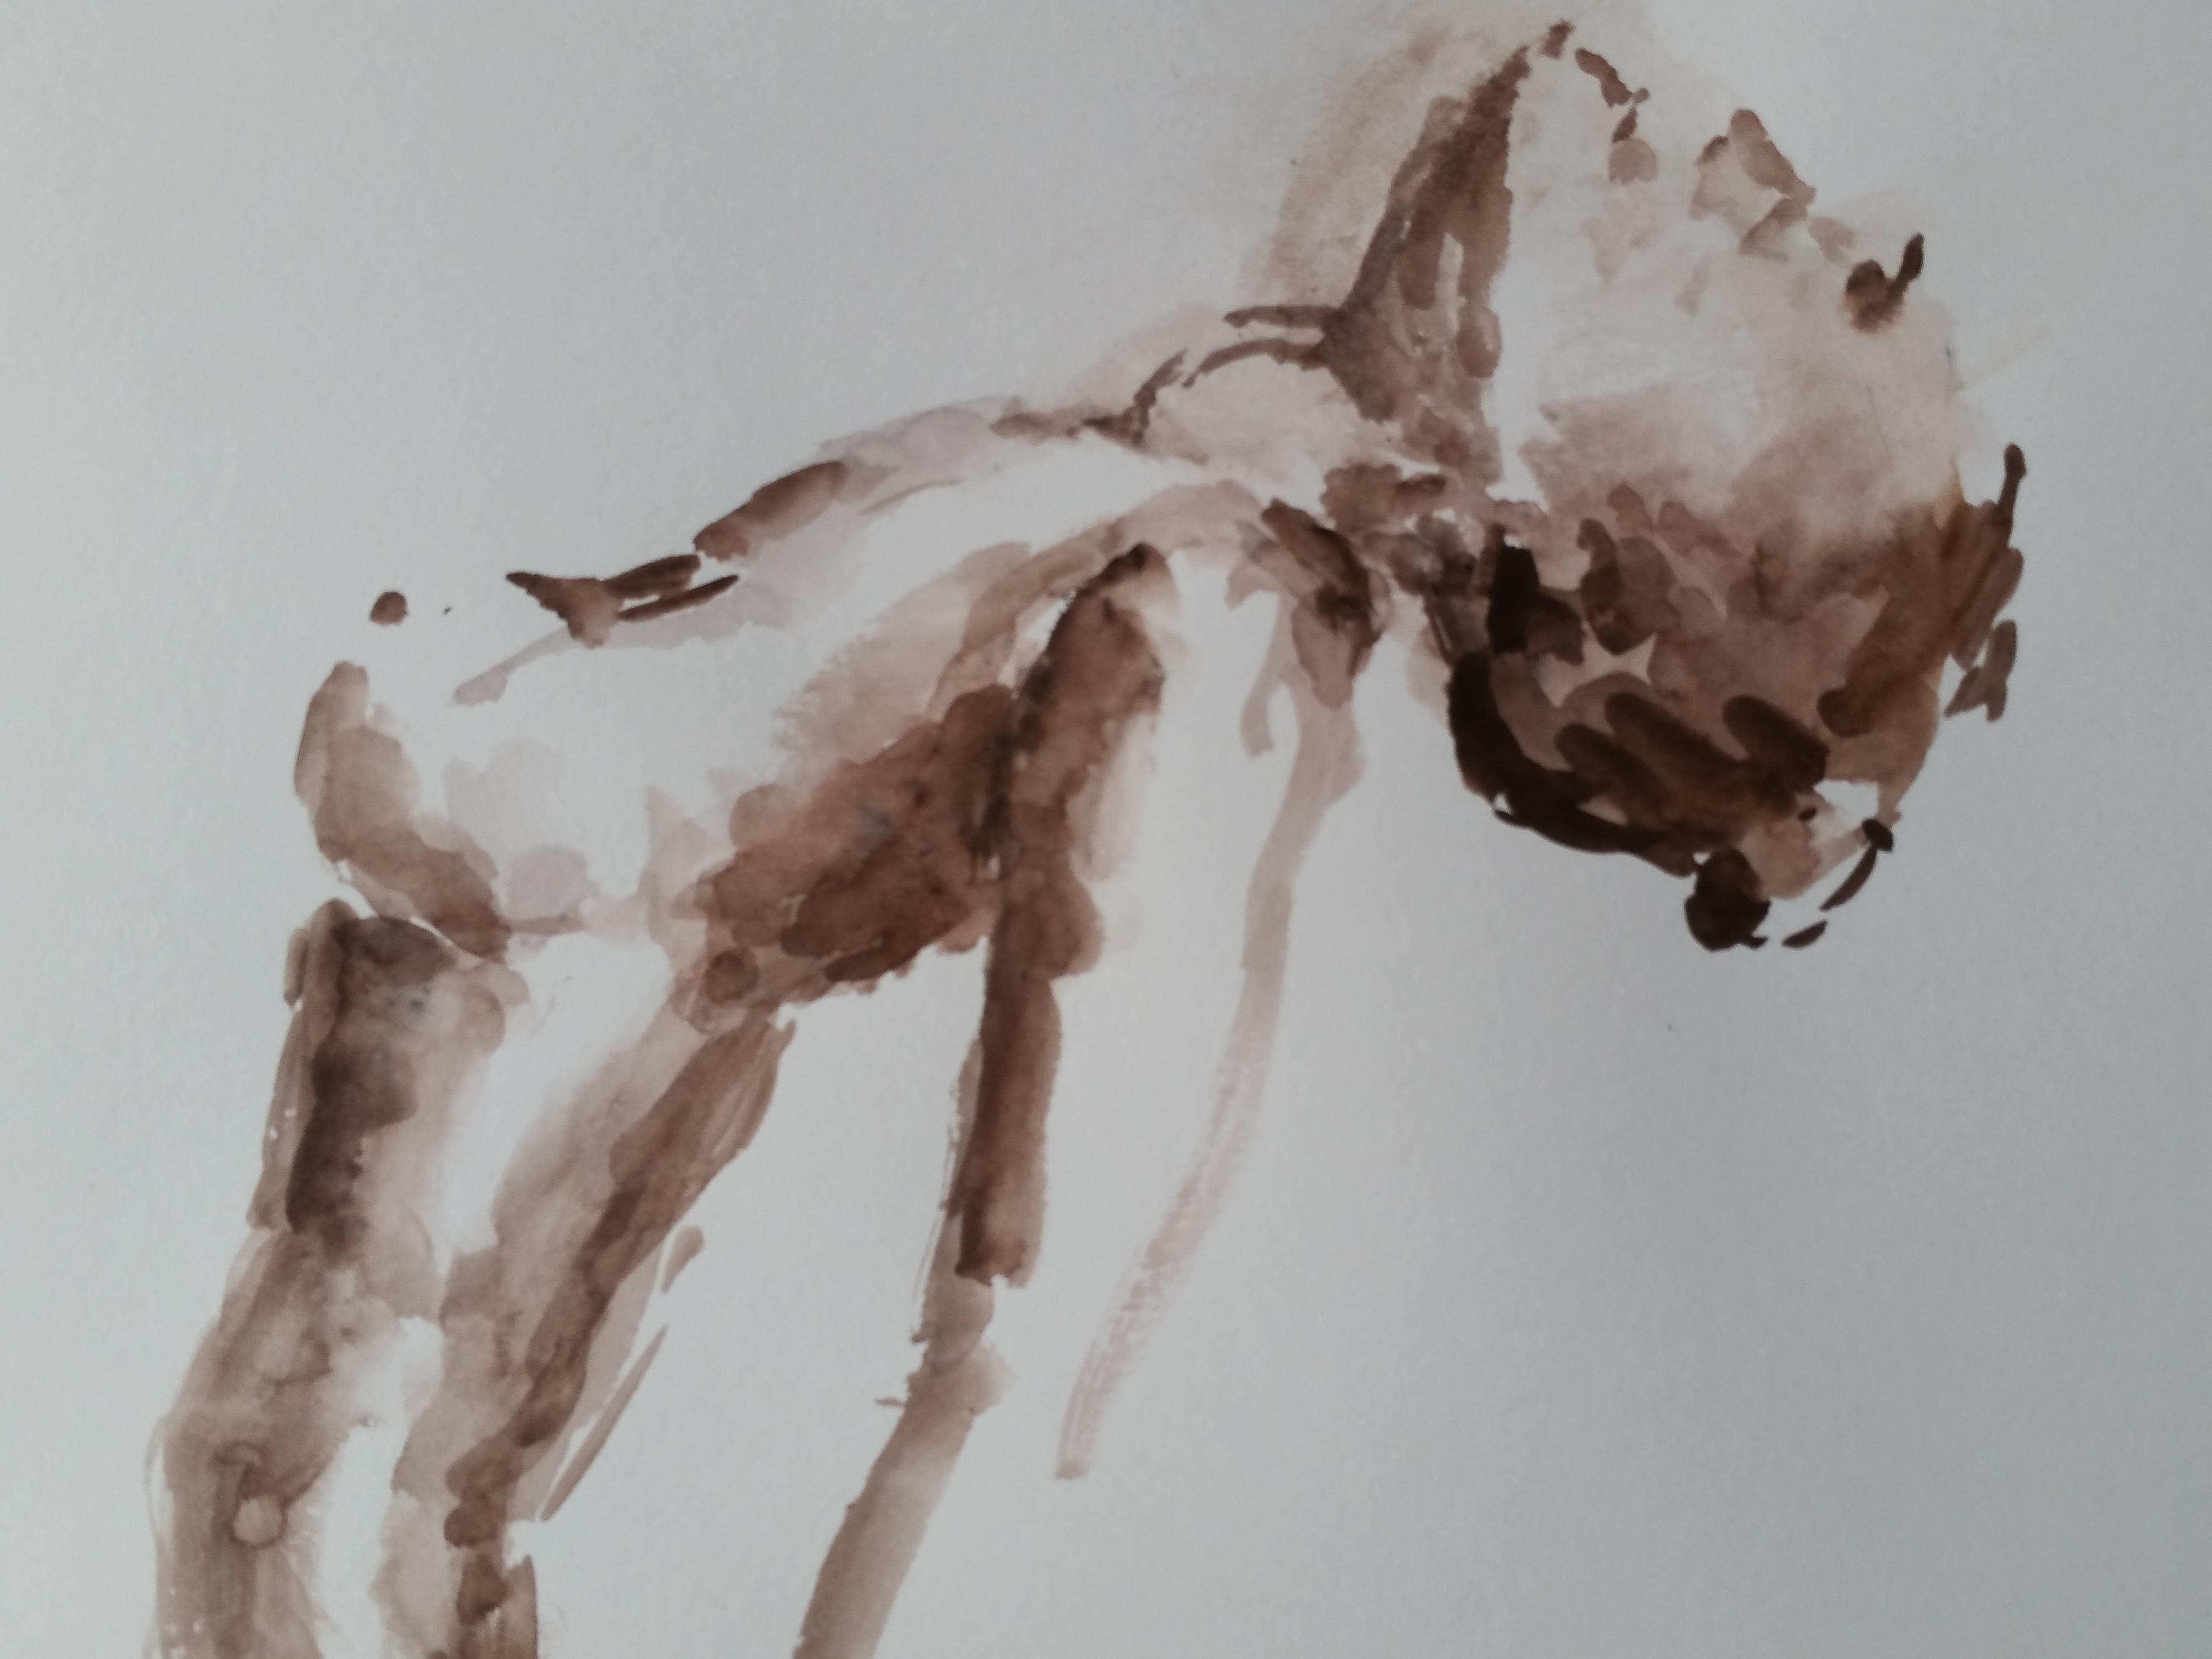 Corps profil extension croquis à l'aquarelle ocre  cours de dessin